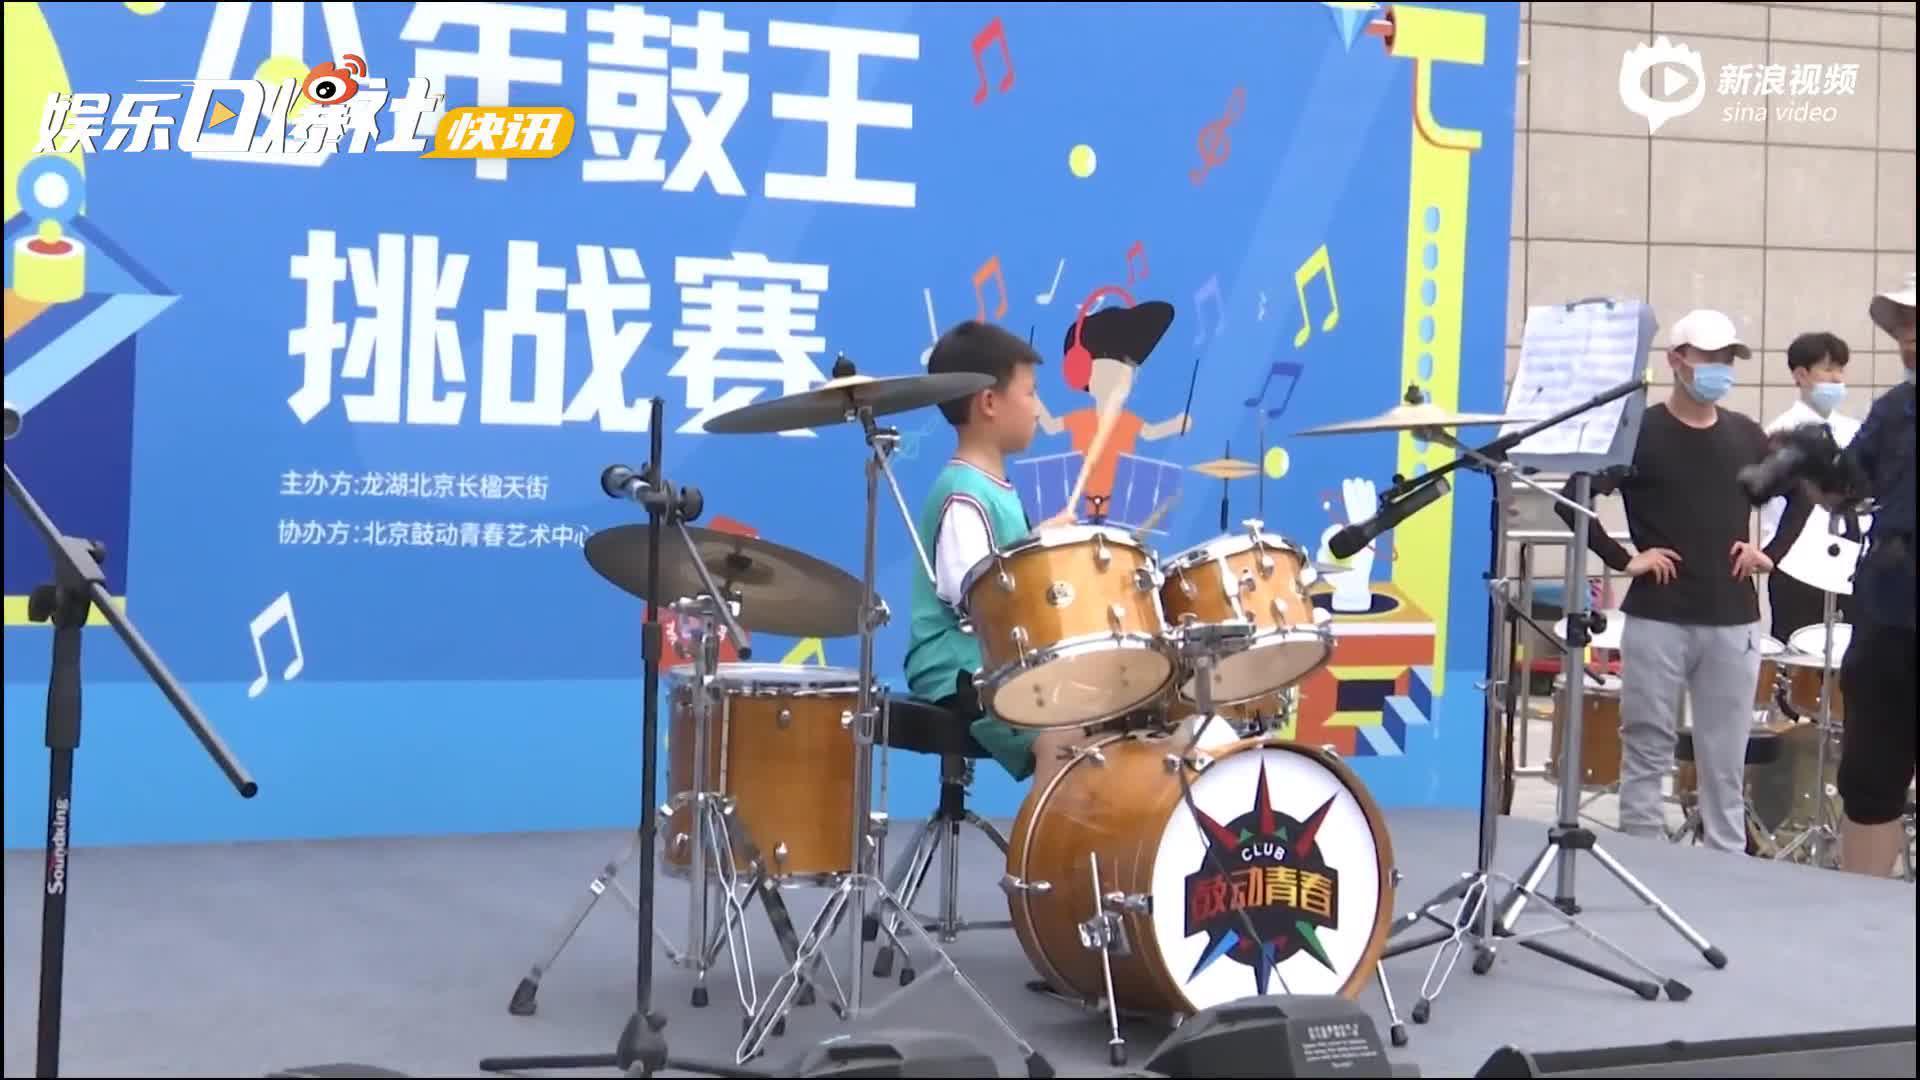 少年鼓王精英挑战赛现神仙评委阵容 赵音鹏仲夏凌霄同台点评选手